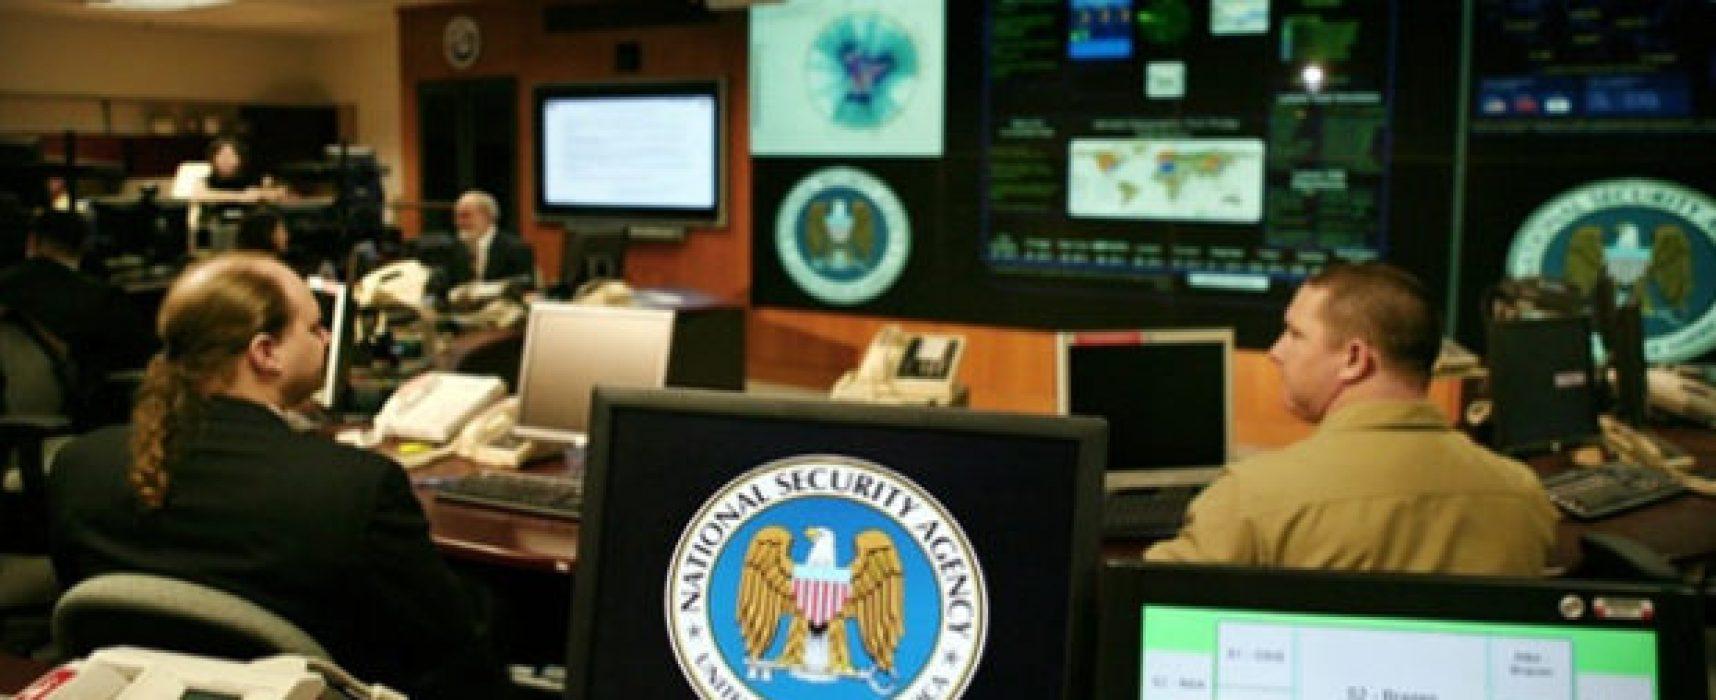 Хакеры получили доступ к данным АНБ США с помощью «Лаборатории Касперского» — WSJ